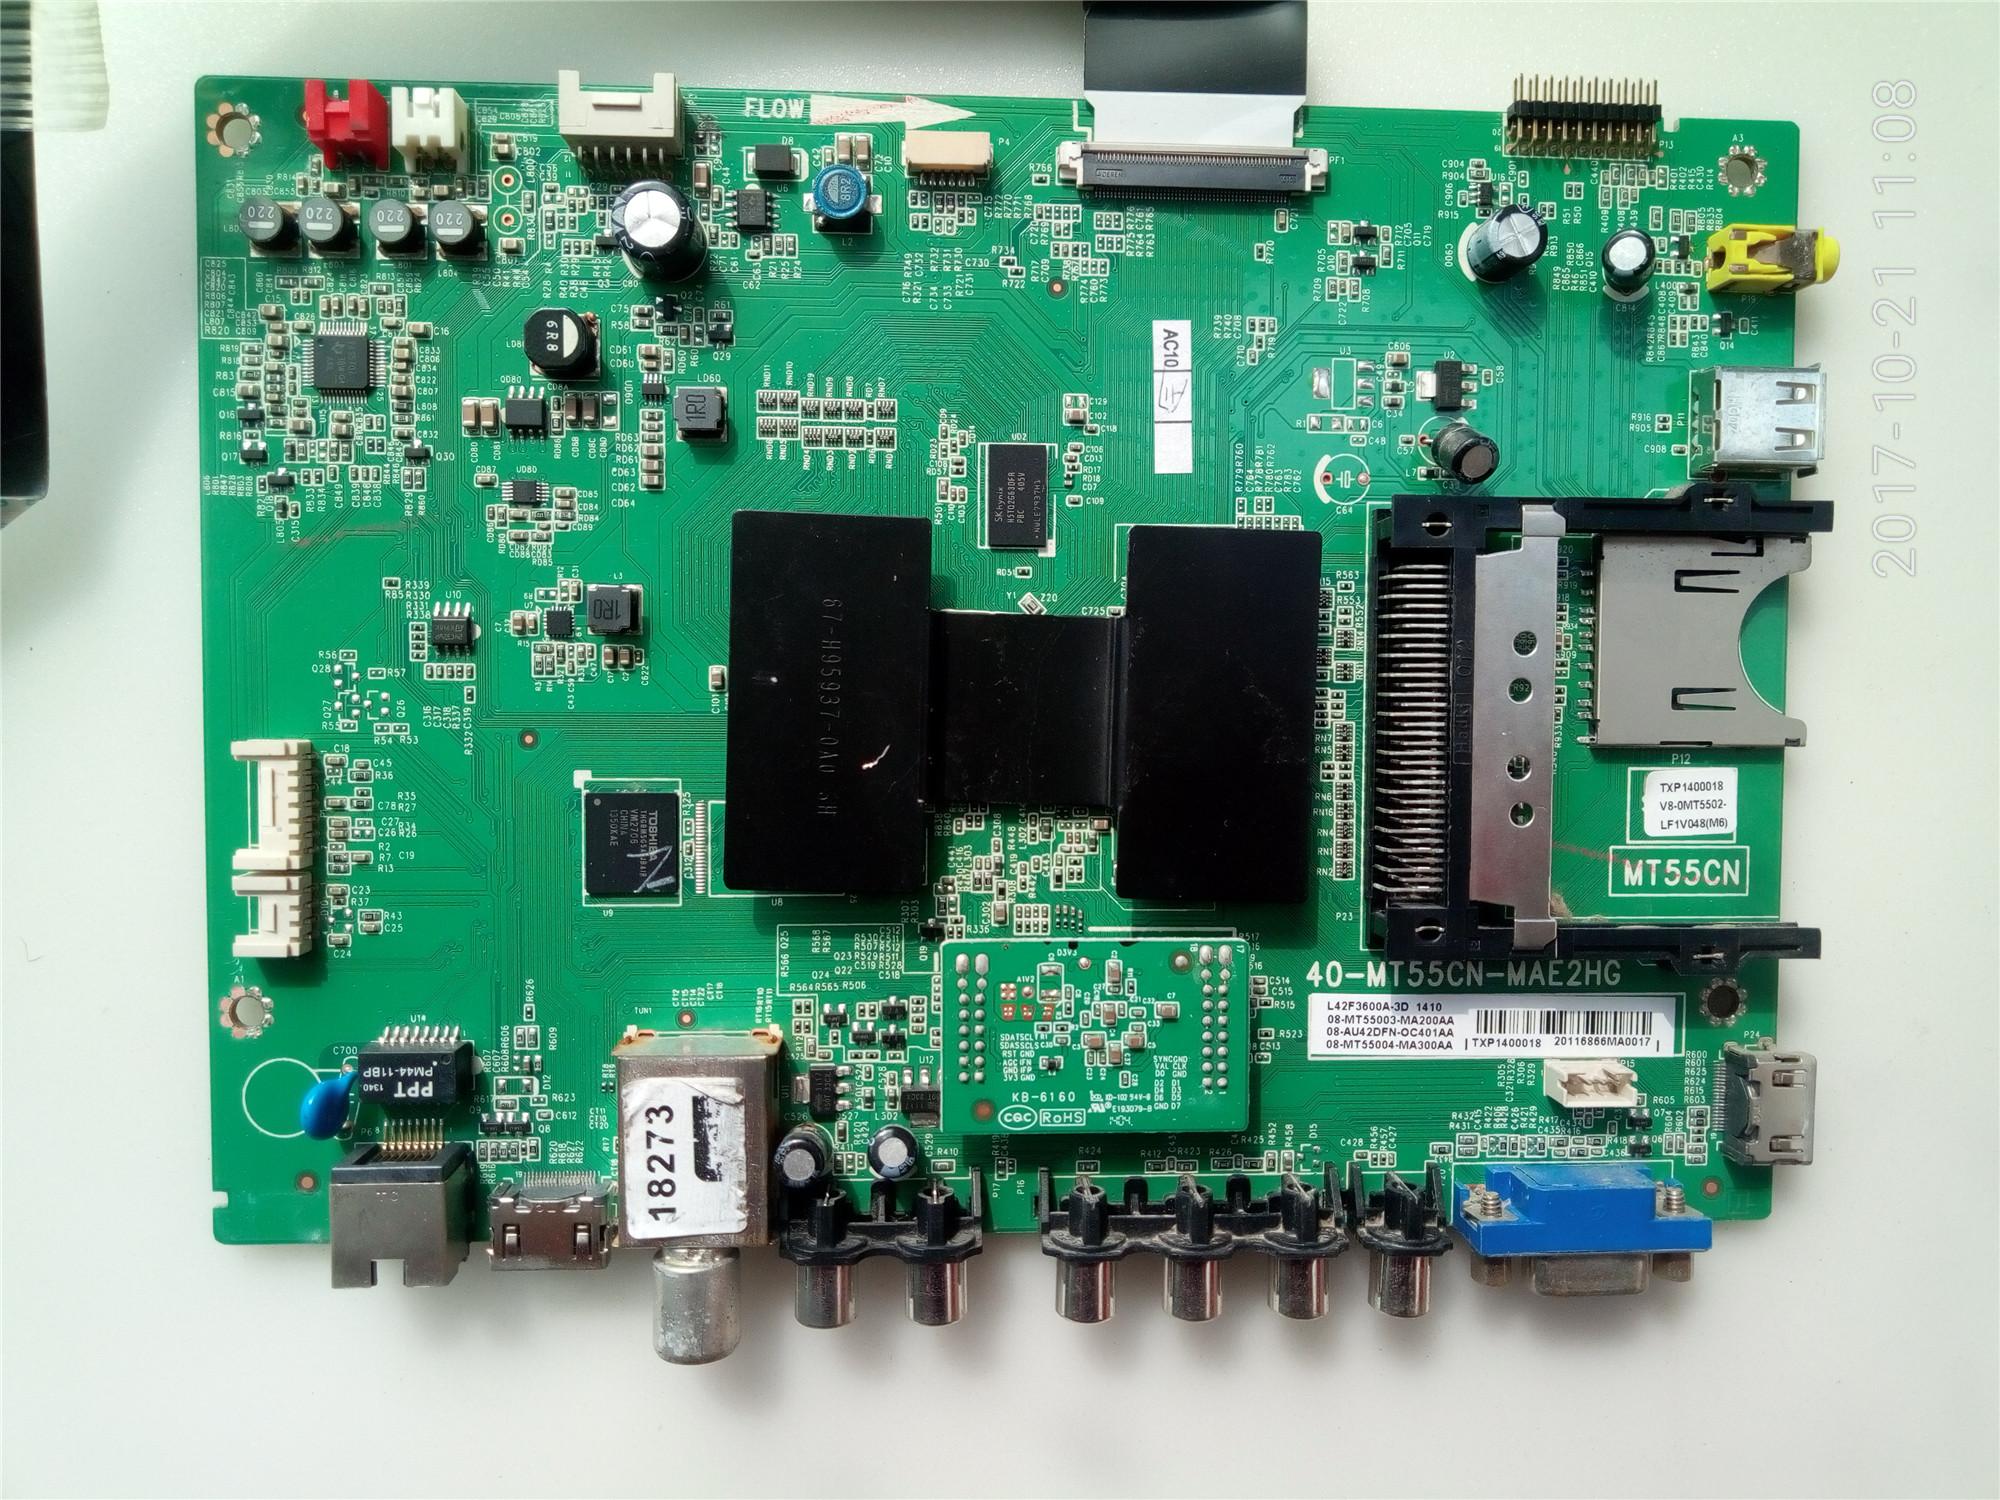 42 인치 액정 평면 텔레비전 TCLL42F3600A-3D 기계의 중심부 구동 메인보드 전원 일체 RY456